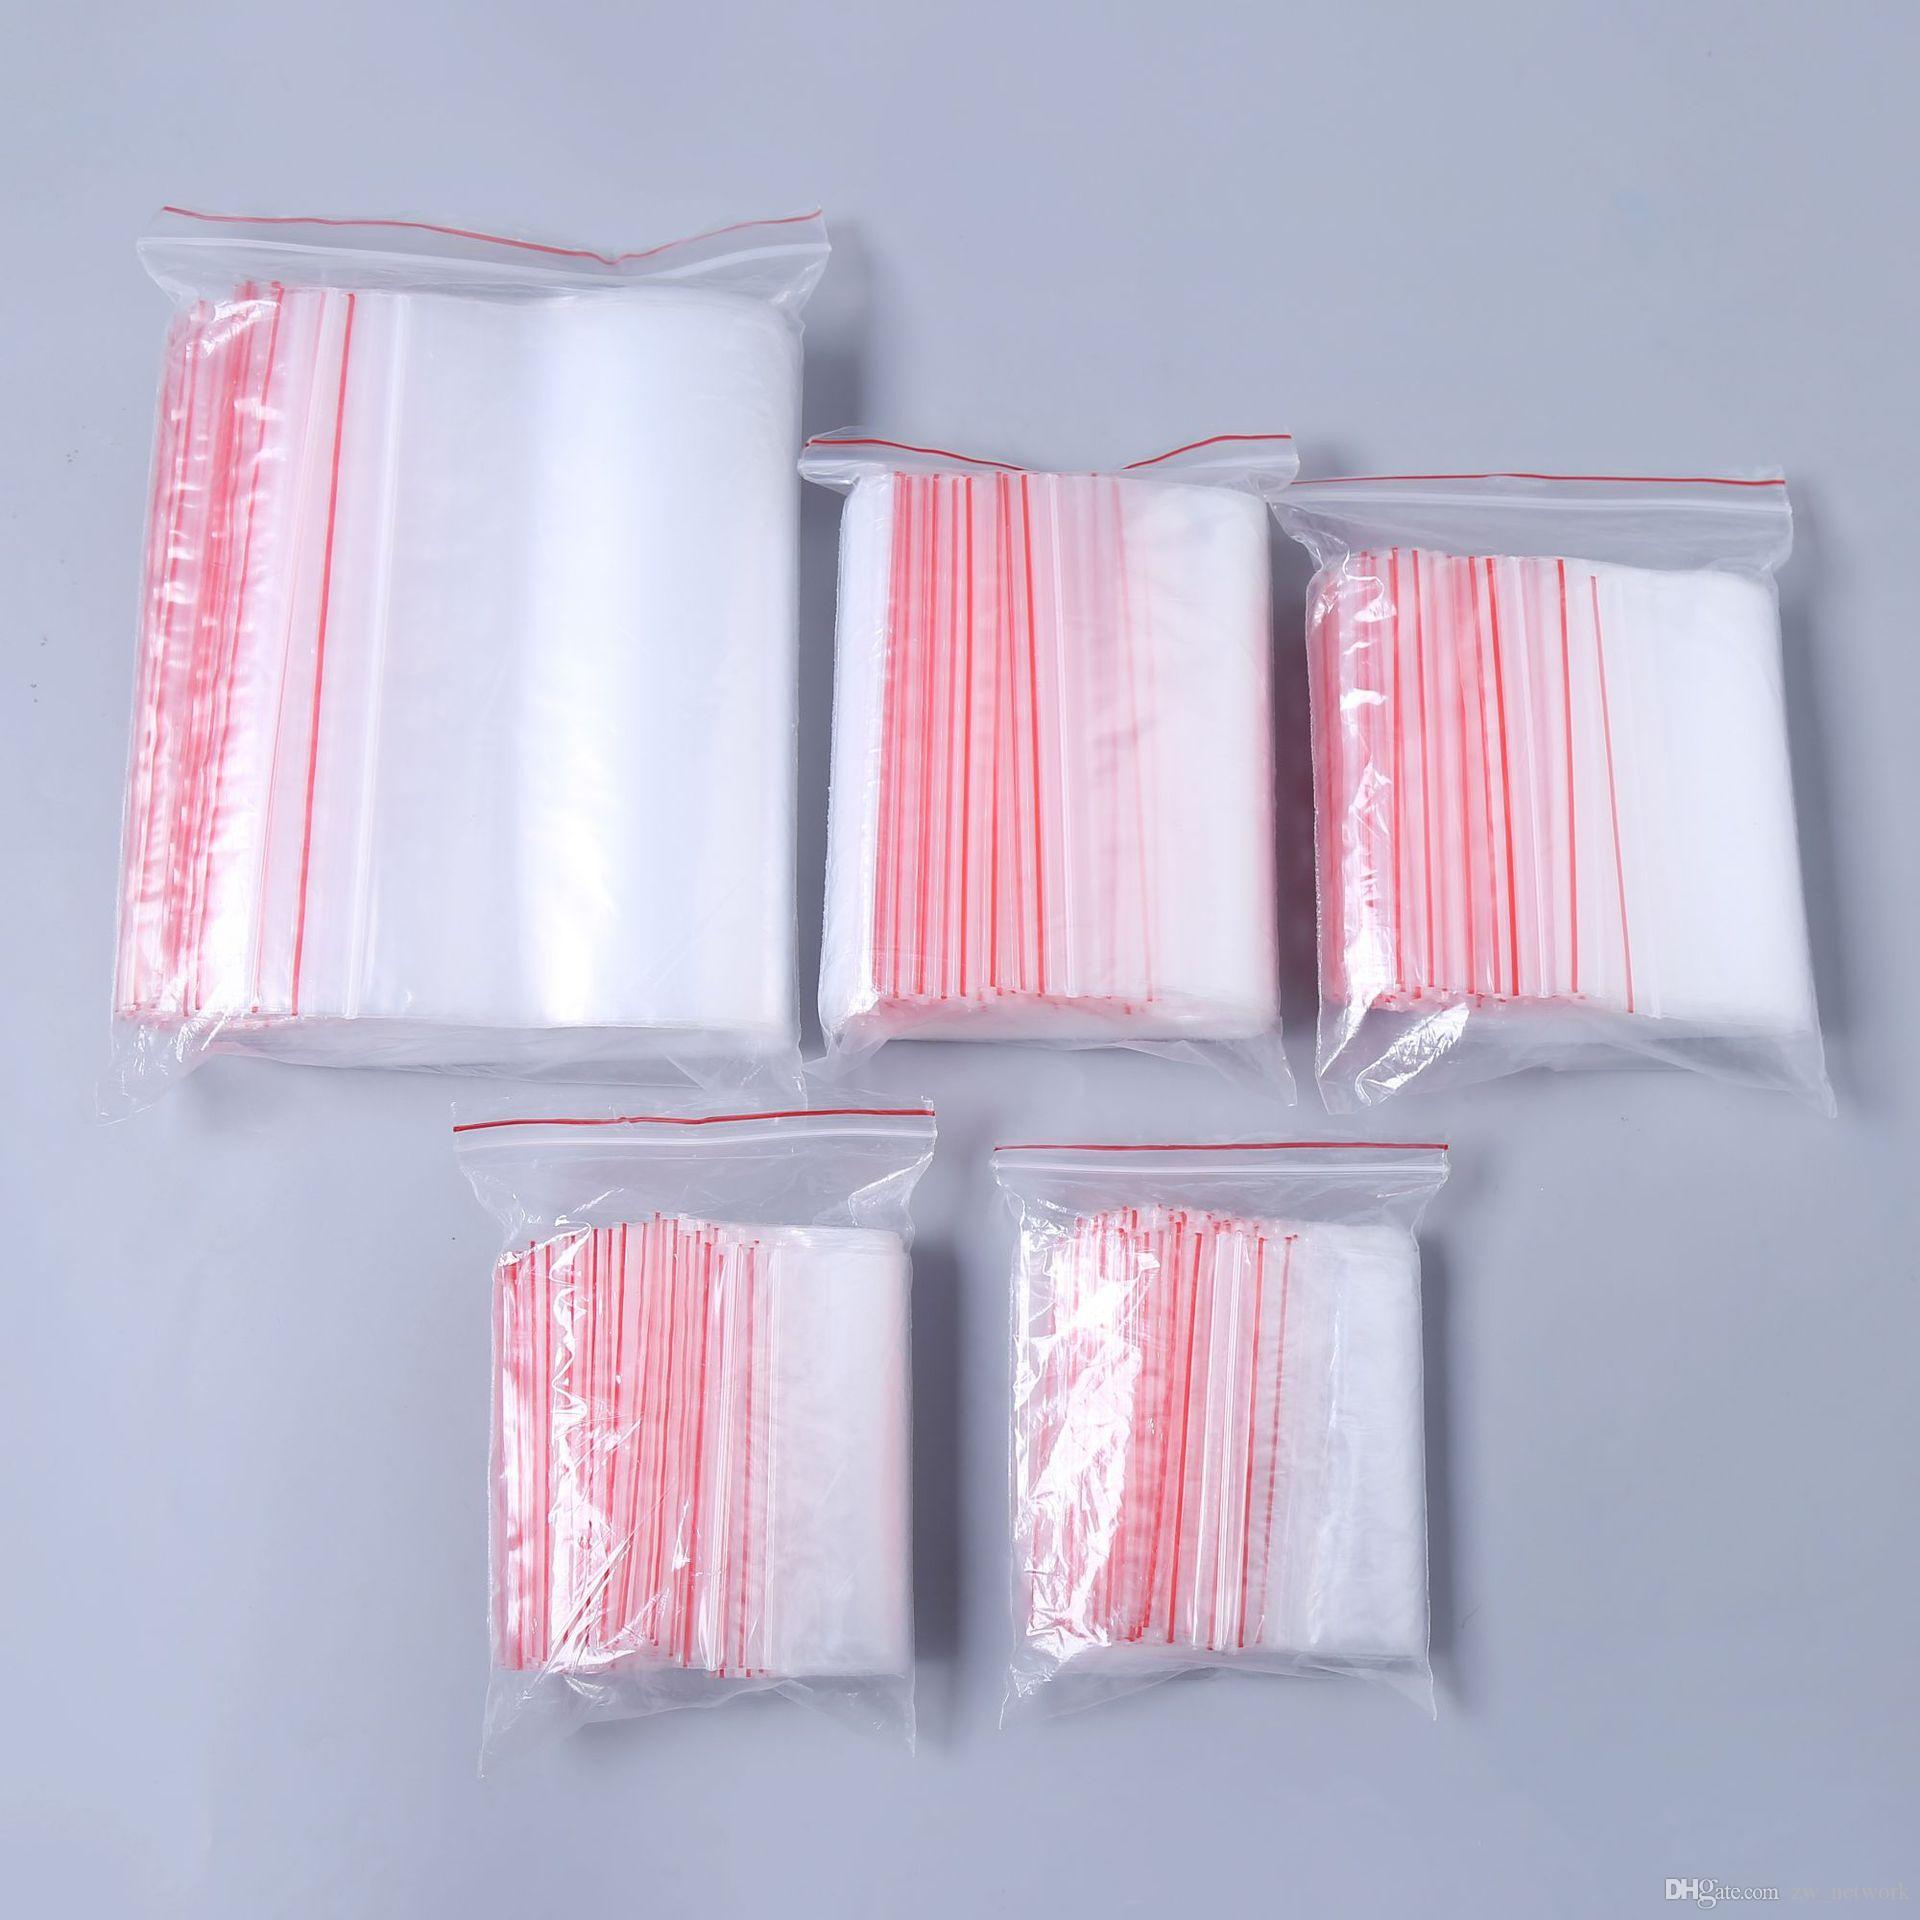 clear packing bags Zipper Self Sealing Plastic bag Retail Packaging Pack Poly Bag Ziplock Zip Lock Storage Bag Package Hang Hole